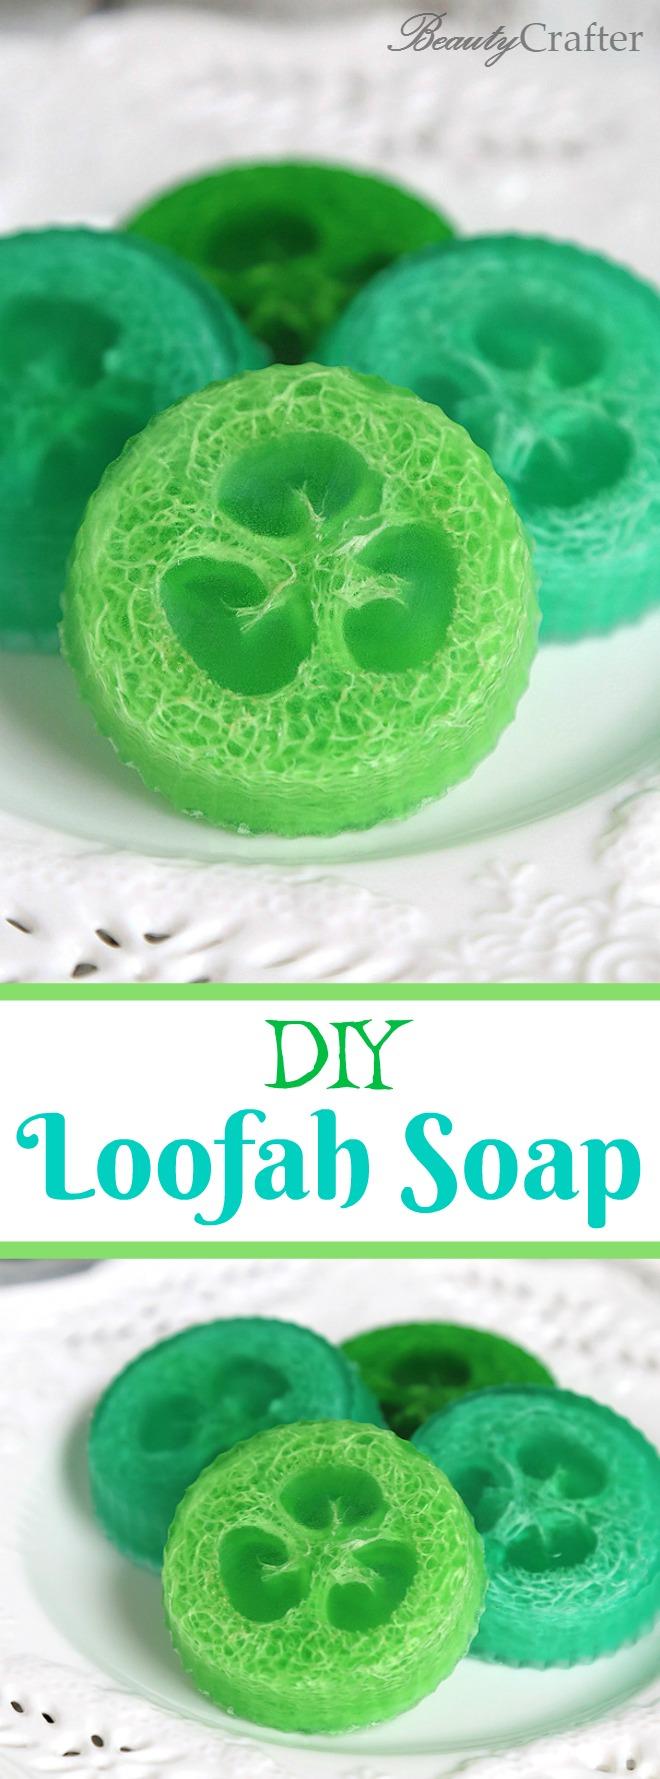 DIY Loofah Soaps